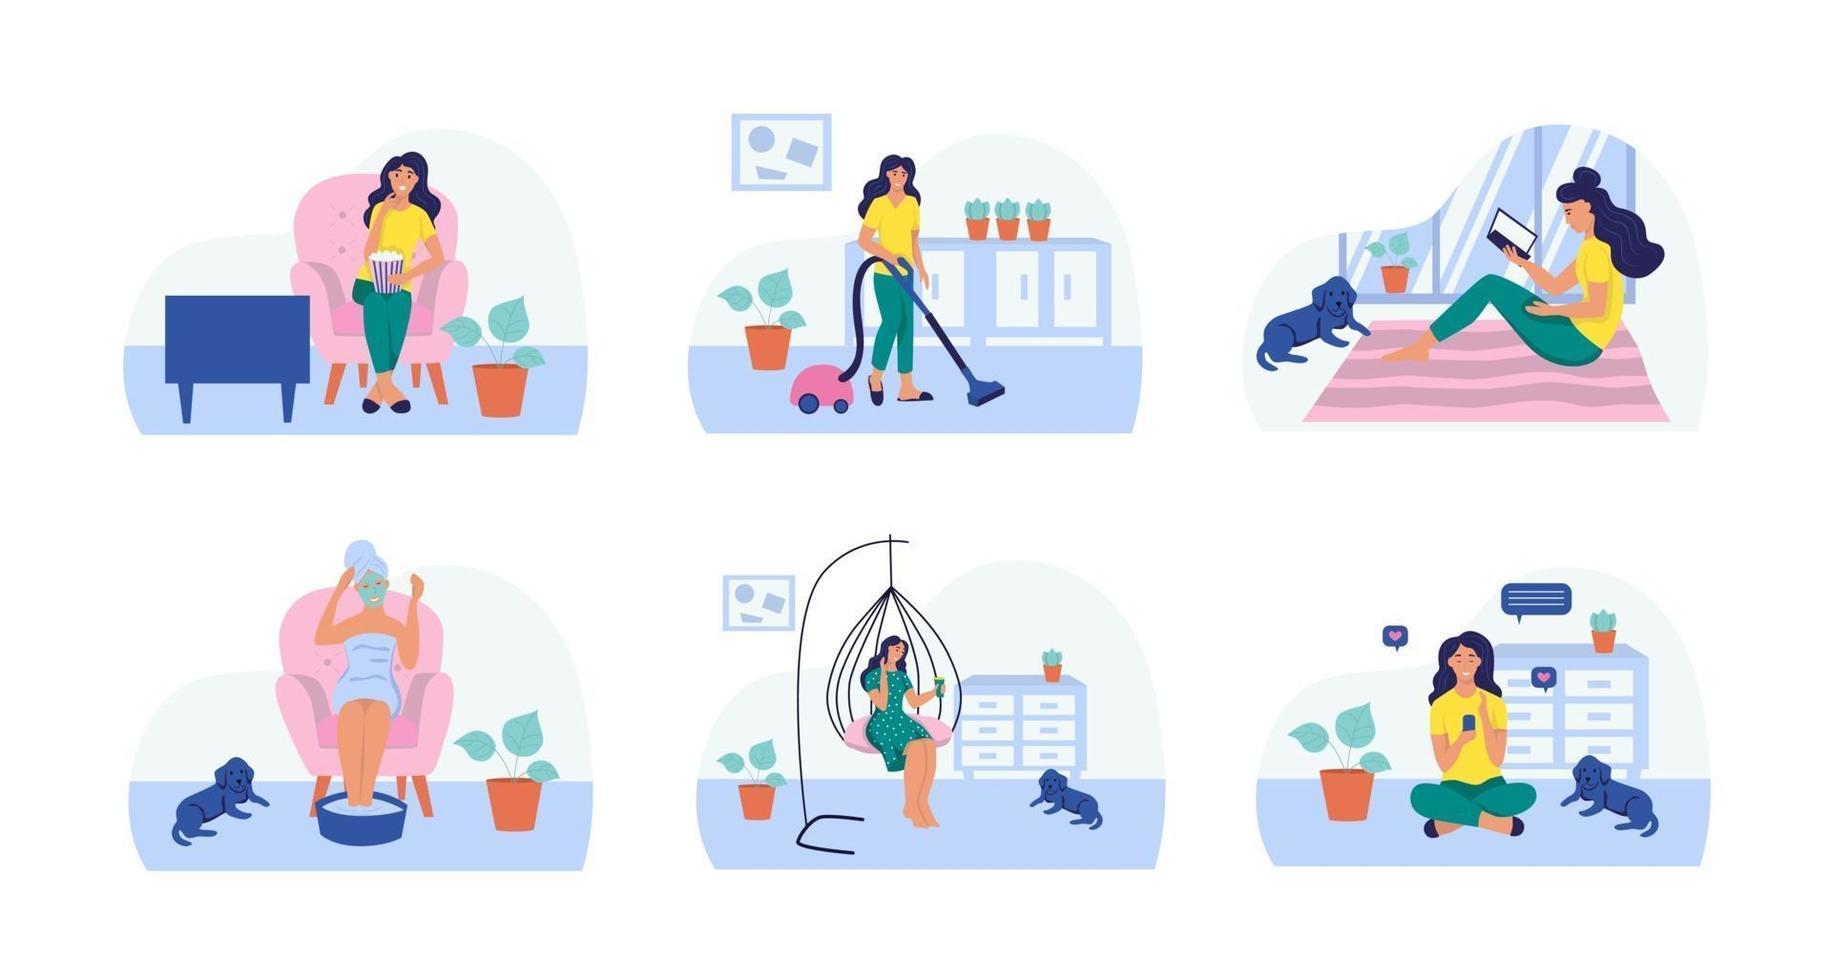 uma mulher lê, assiste tv, aspira, faz máscara cosmética, toma café, senta com o celular. definir. o conceito de vida cotidiana, lazer cotidiano e atividades de trabalho. ilustração vetorial plana. vetor